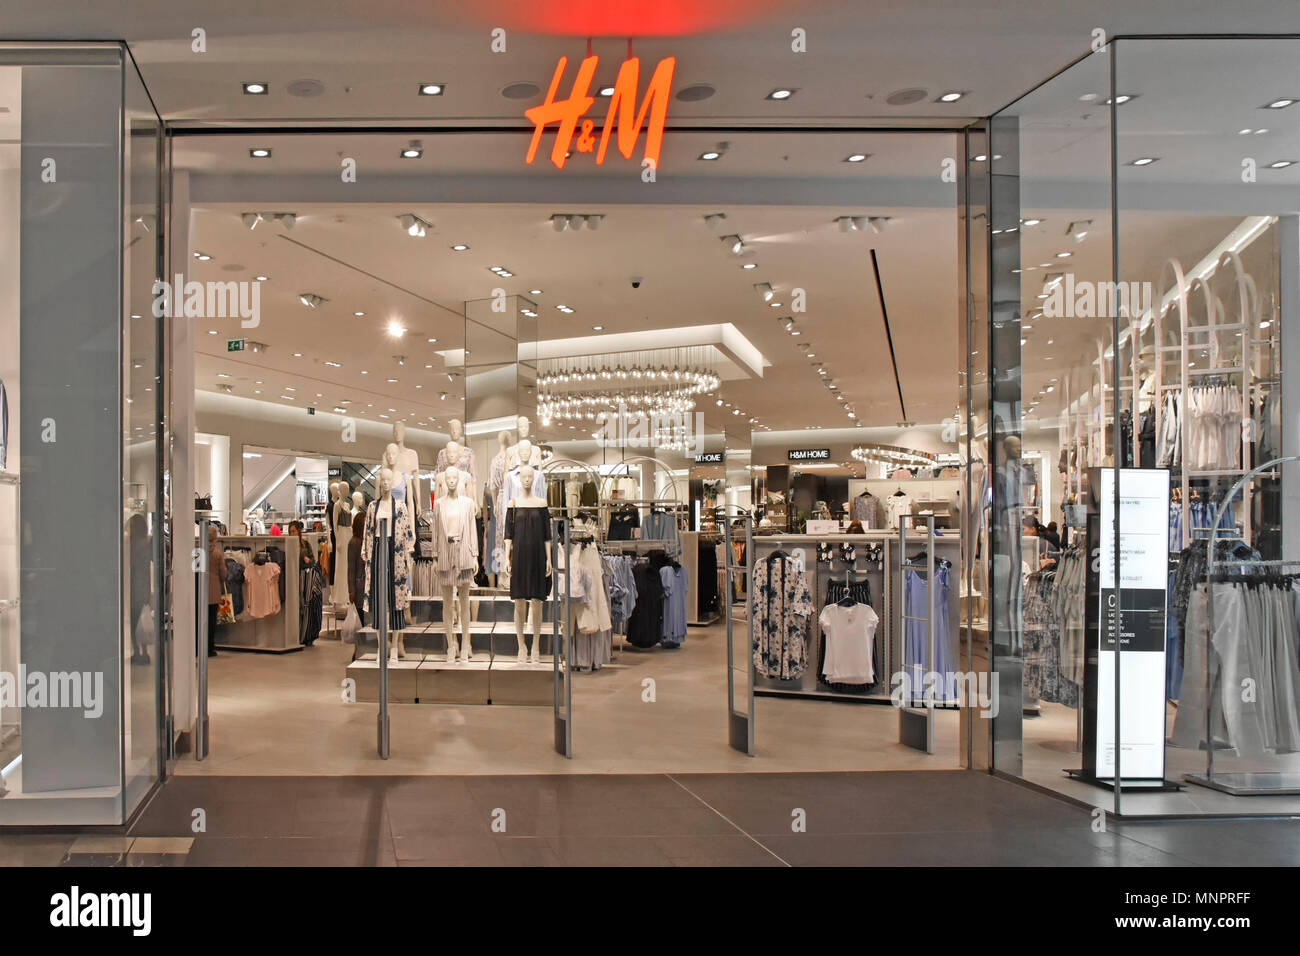 https://c8.alamy.com/compde/mnprff/shopping-mall-am-fruhen-morgen-eingang-interior-design-von-hm-kleidung-store-mannequin-zeigt-shopper-unter-den-regalen-westfield-stratford-london-uk-mnprff.jpg